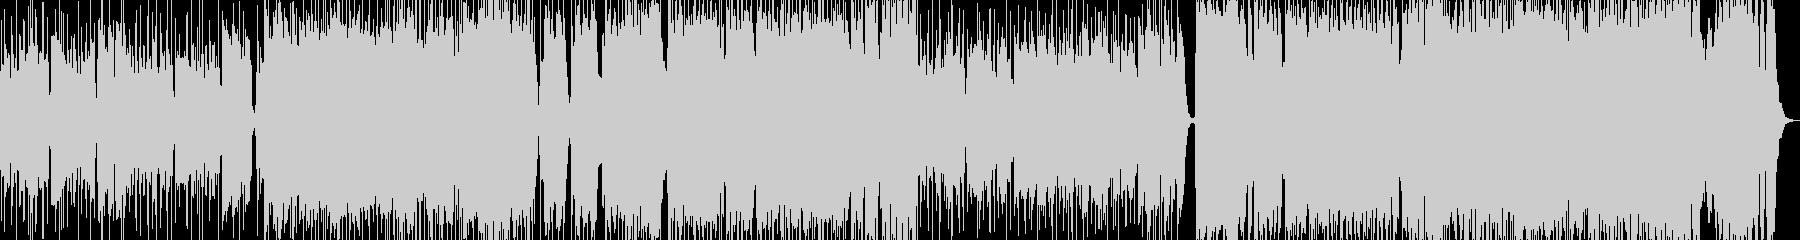 スウィングジャズ風ロックインストBGMの未再生の波形